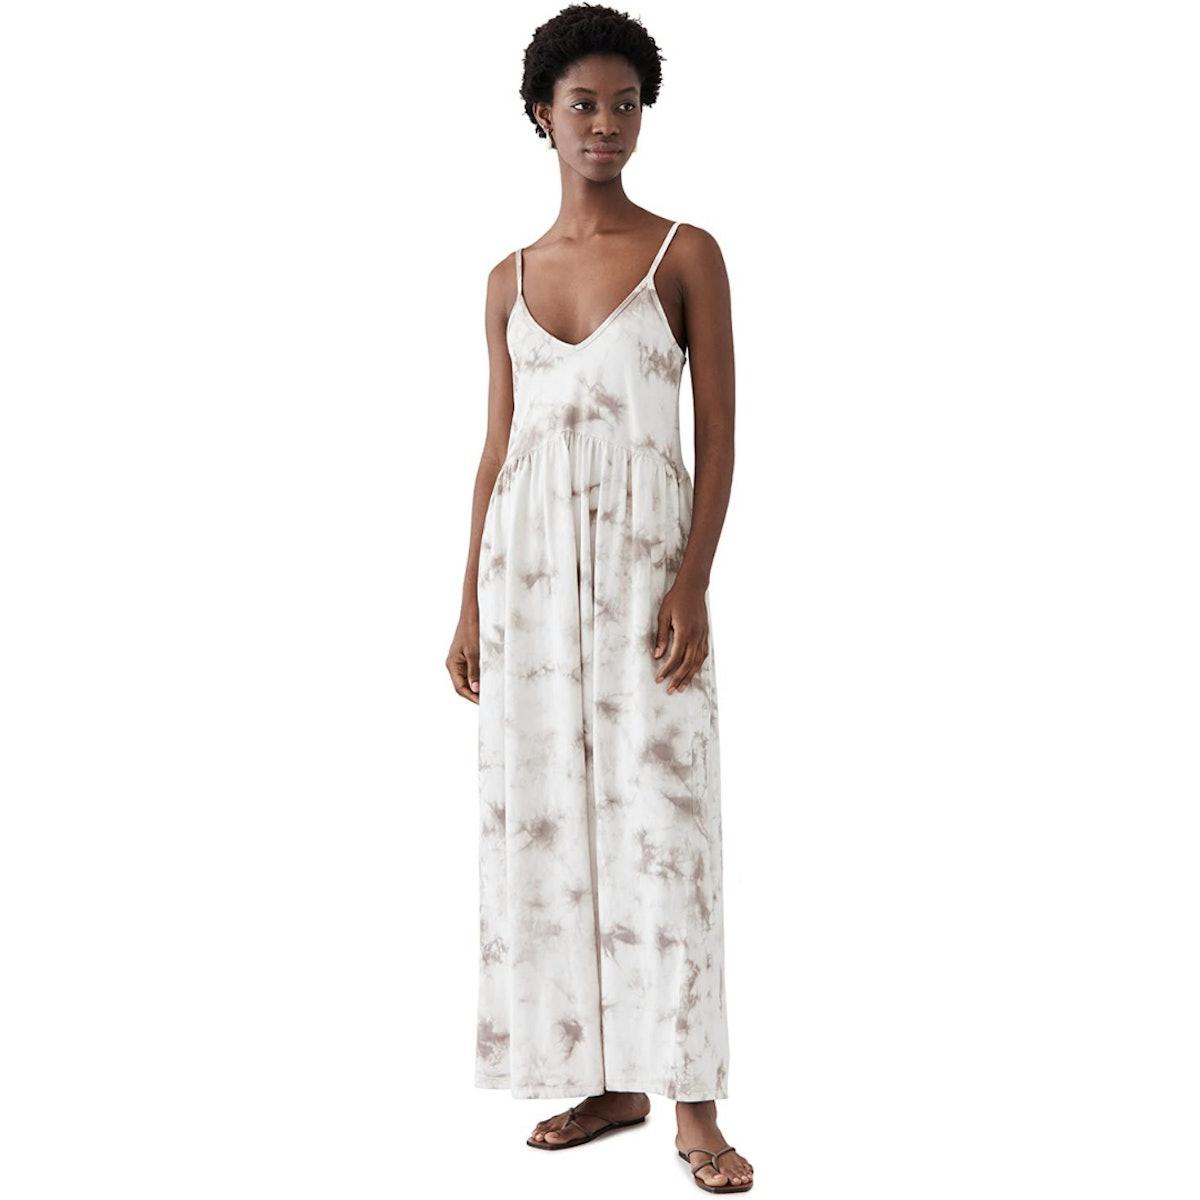 Z SUPPLY Hazy Cloud Print Dress